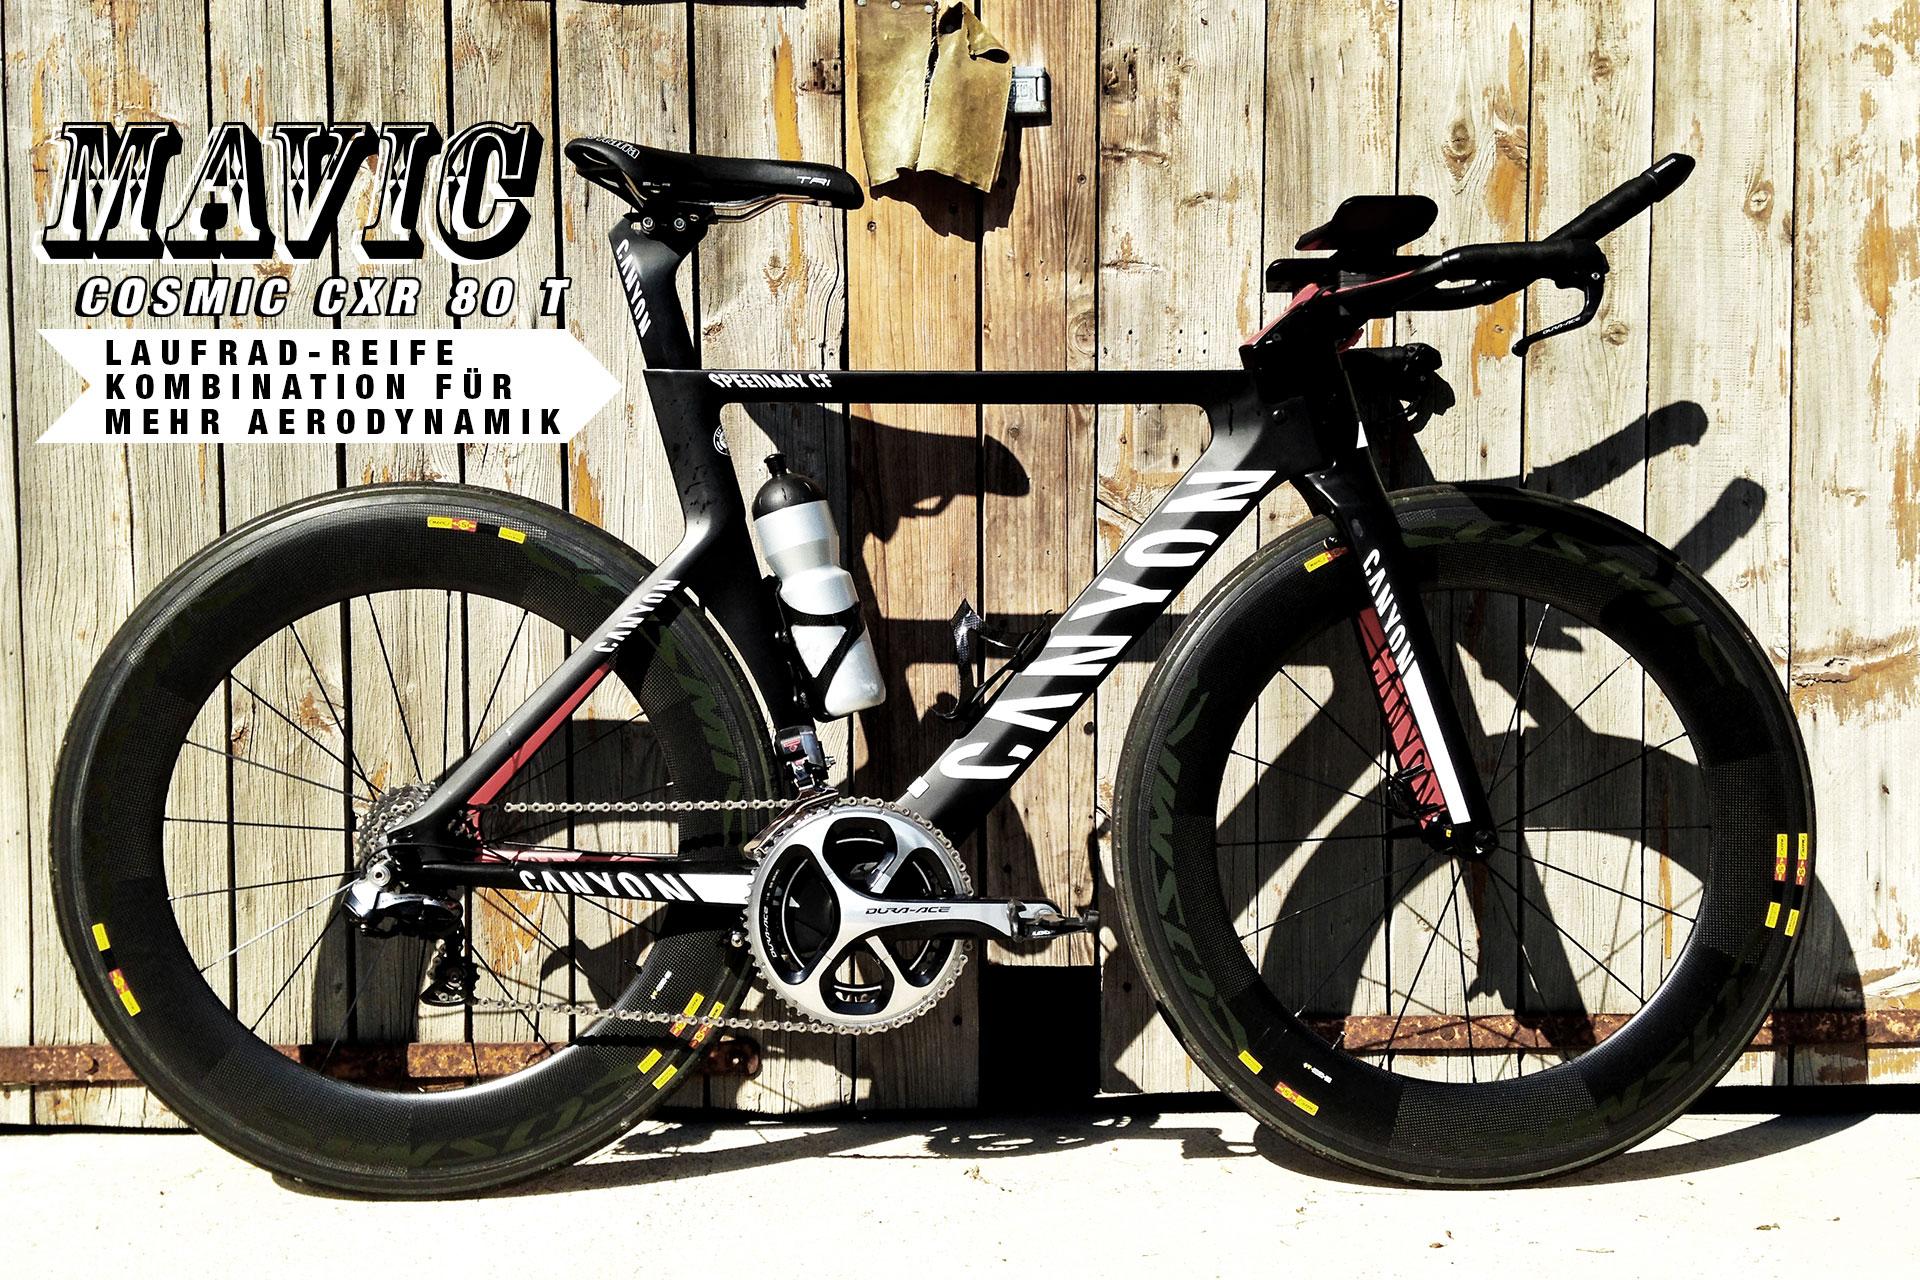 MAVIC COSMIC CXR 80 T Laufrad-Reifen-Kombination für mehr Aerodynamik / Produkttest Titel © Stefan Drexl